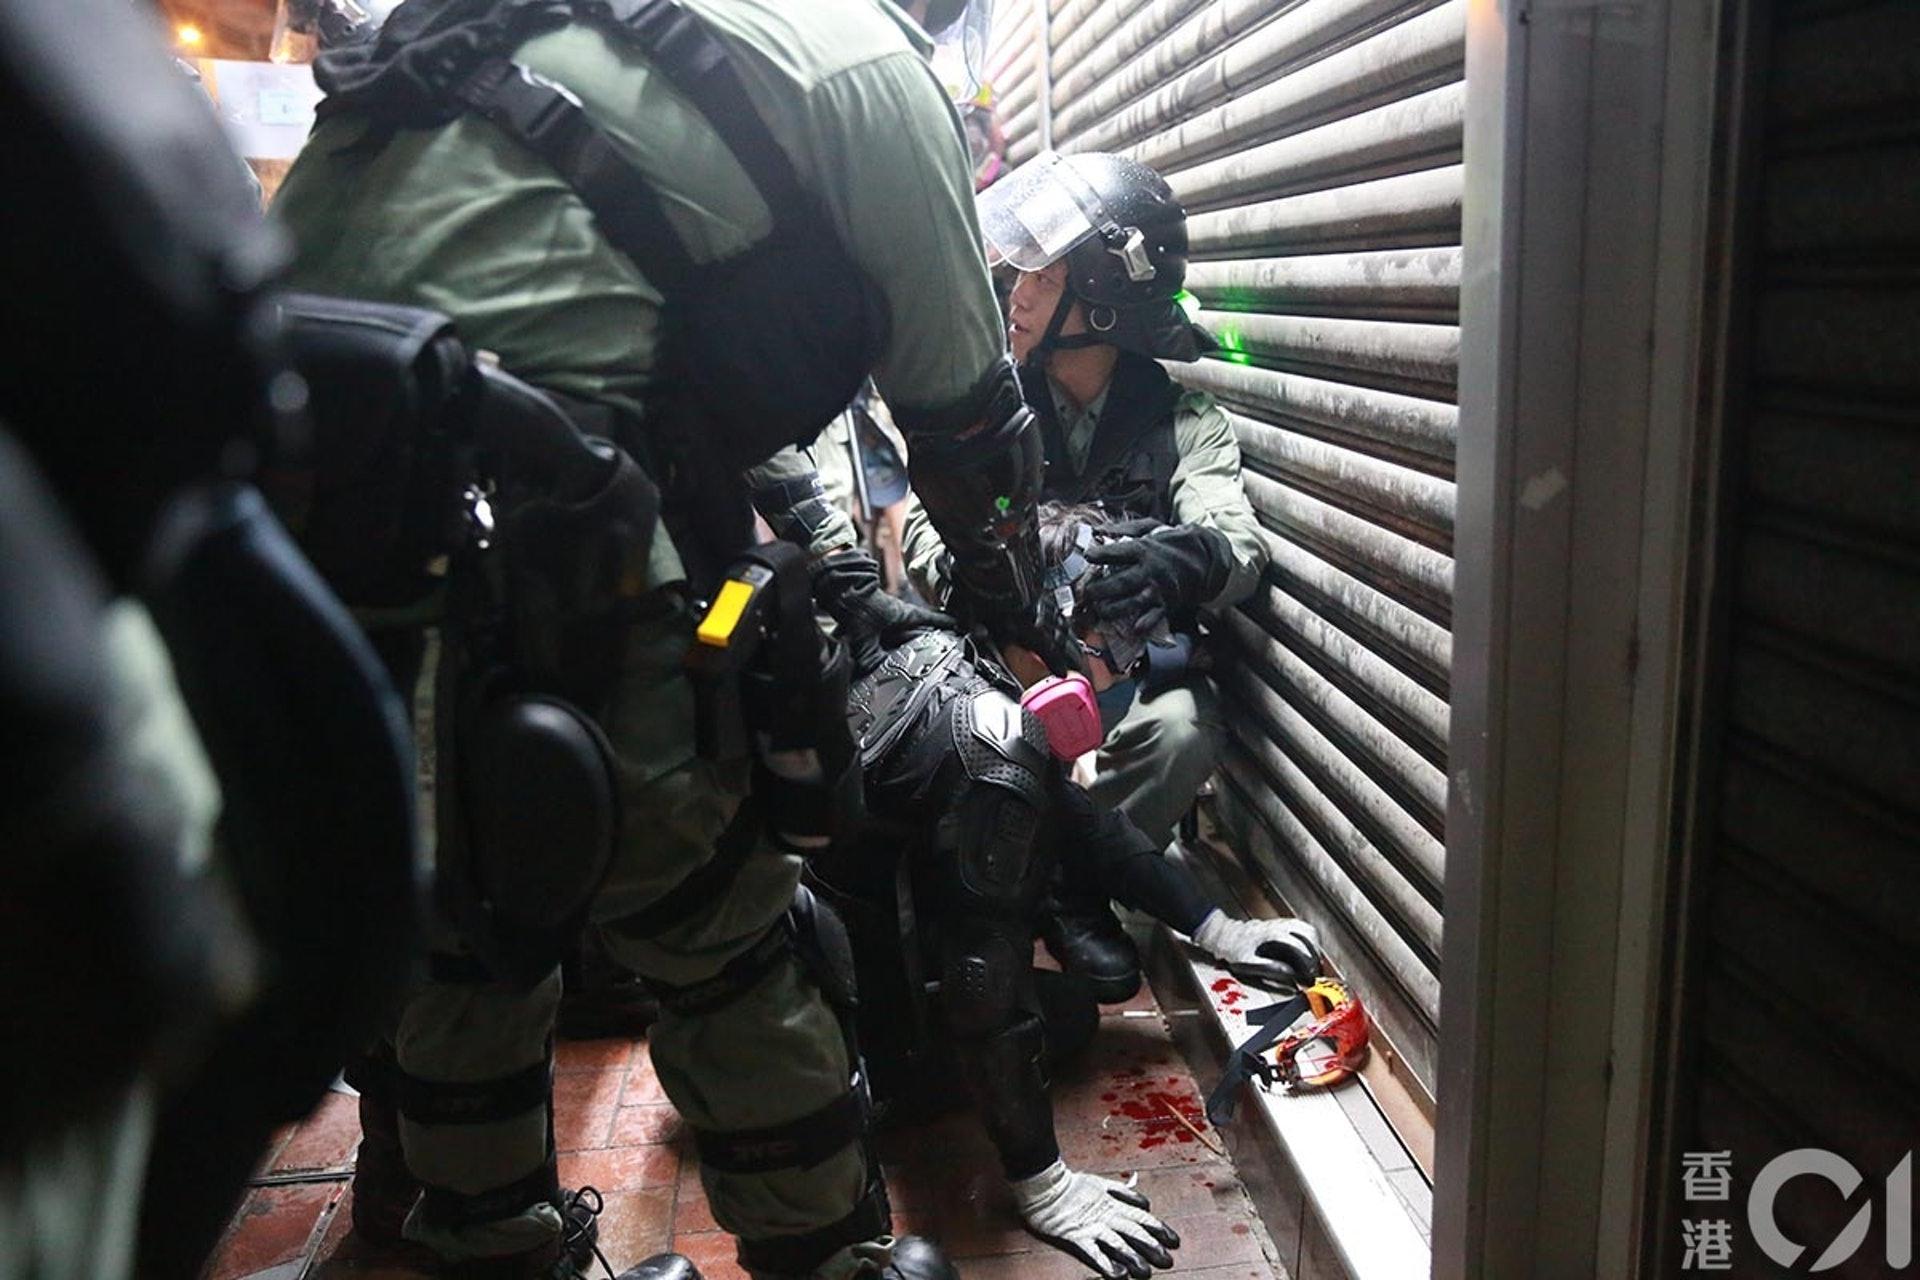 831遊行示威衝突,晚上8點多,警方在灣仔拘捕示威者,被捕人受傷流血,眼罩亦染血。(羅國輝攝)